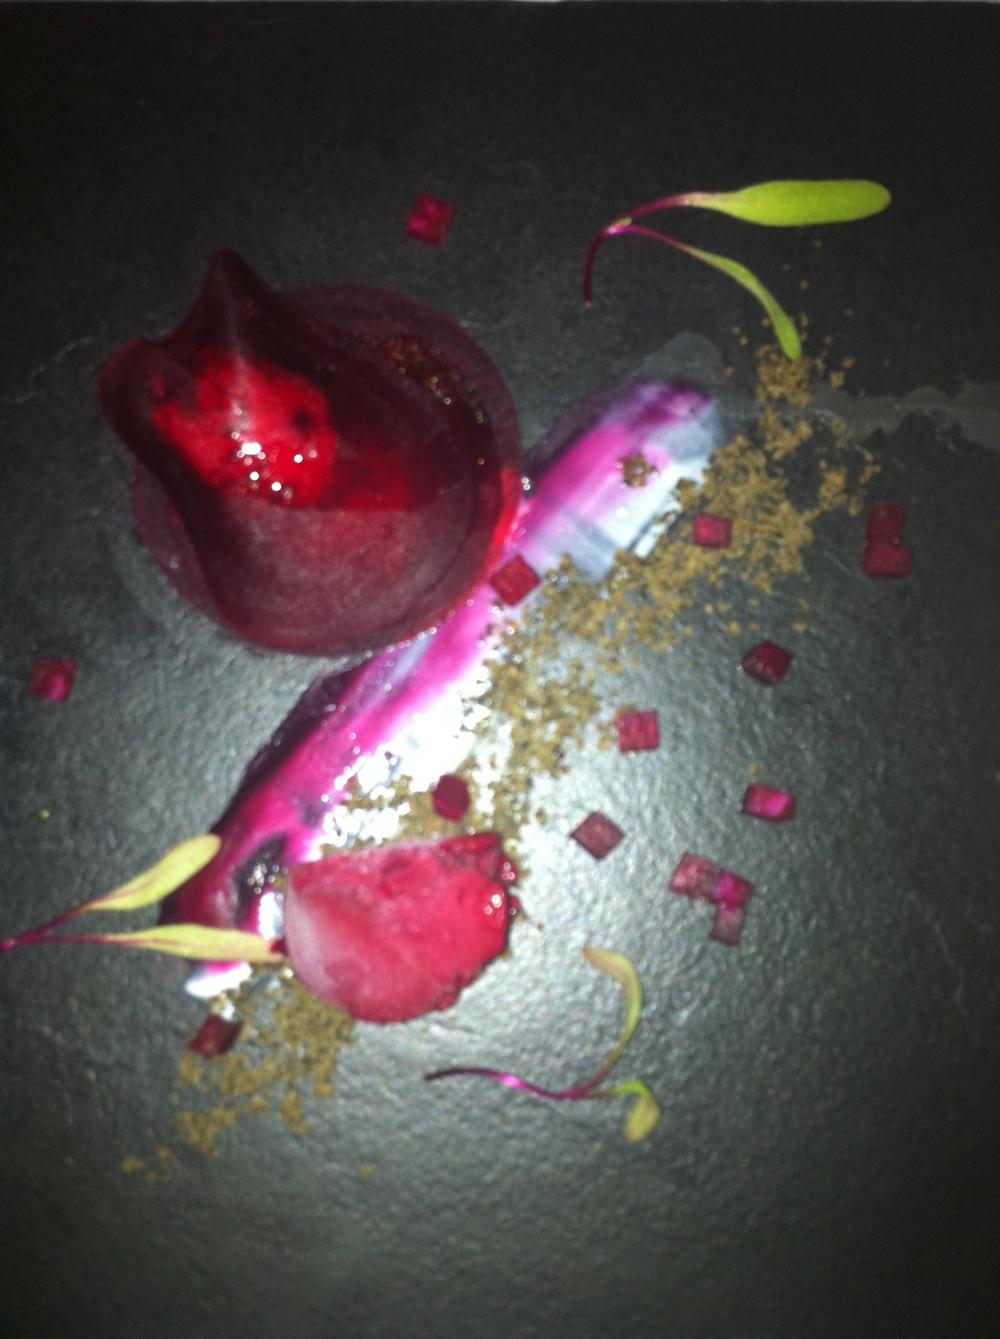 Segundo destaque da noite: como a surpresa de sabores pode vir de coisas simples, né? Mil-folhas de beterraba com Chantilly de anchovas, que delícia! Eu quis lamber o prato...